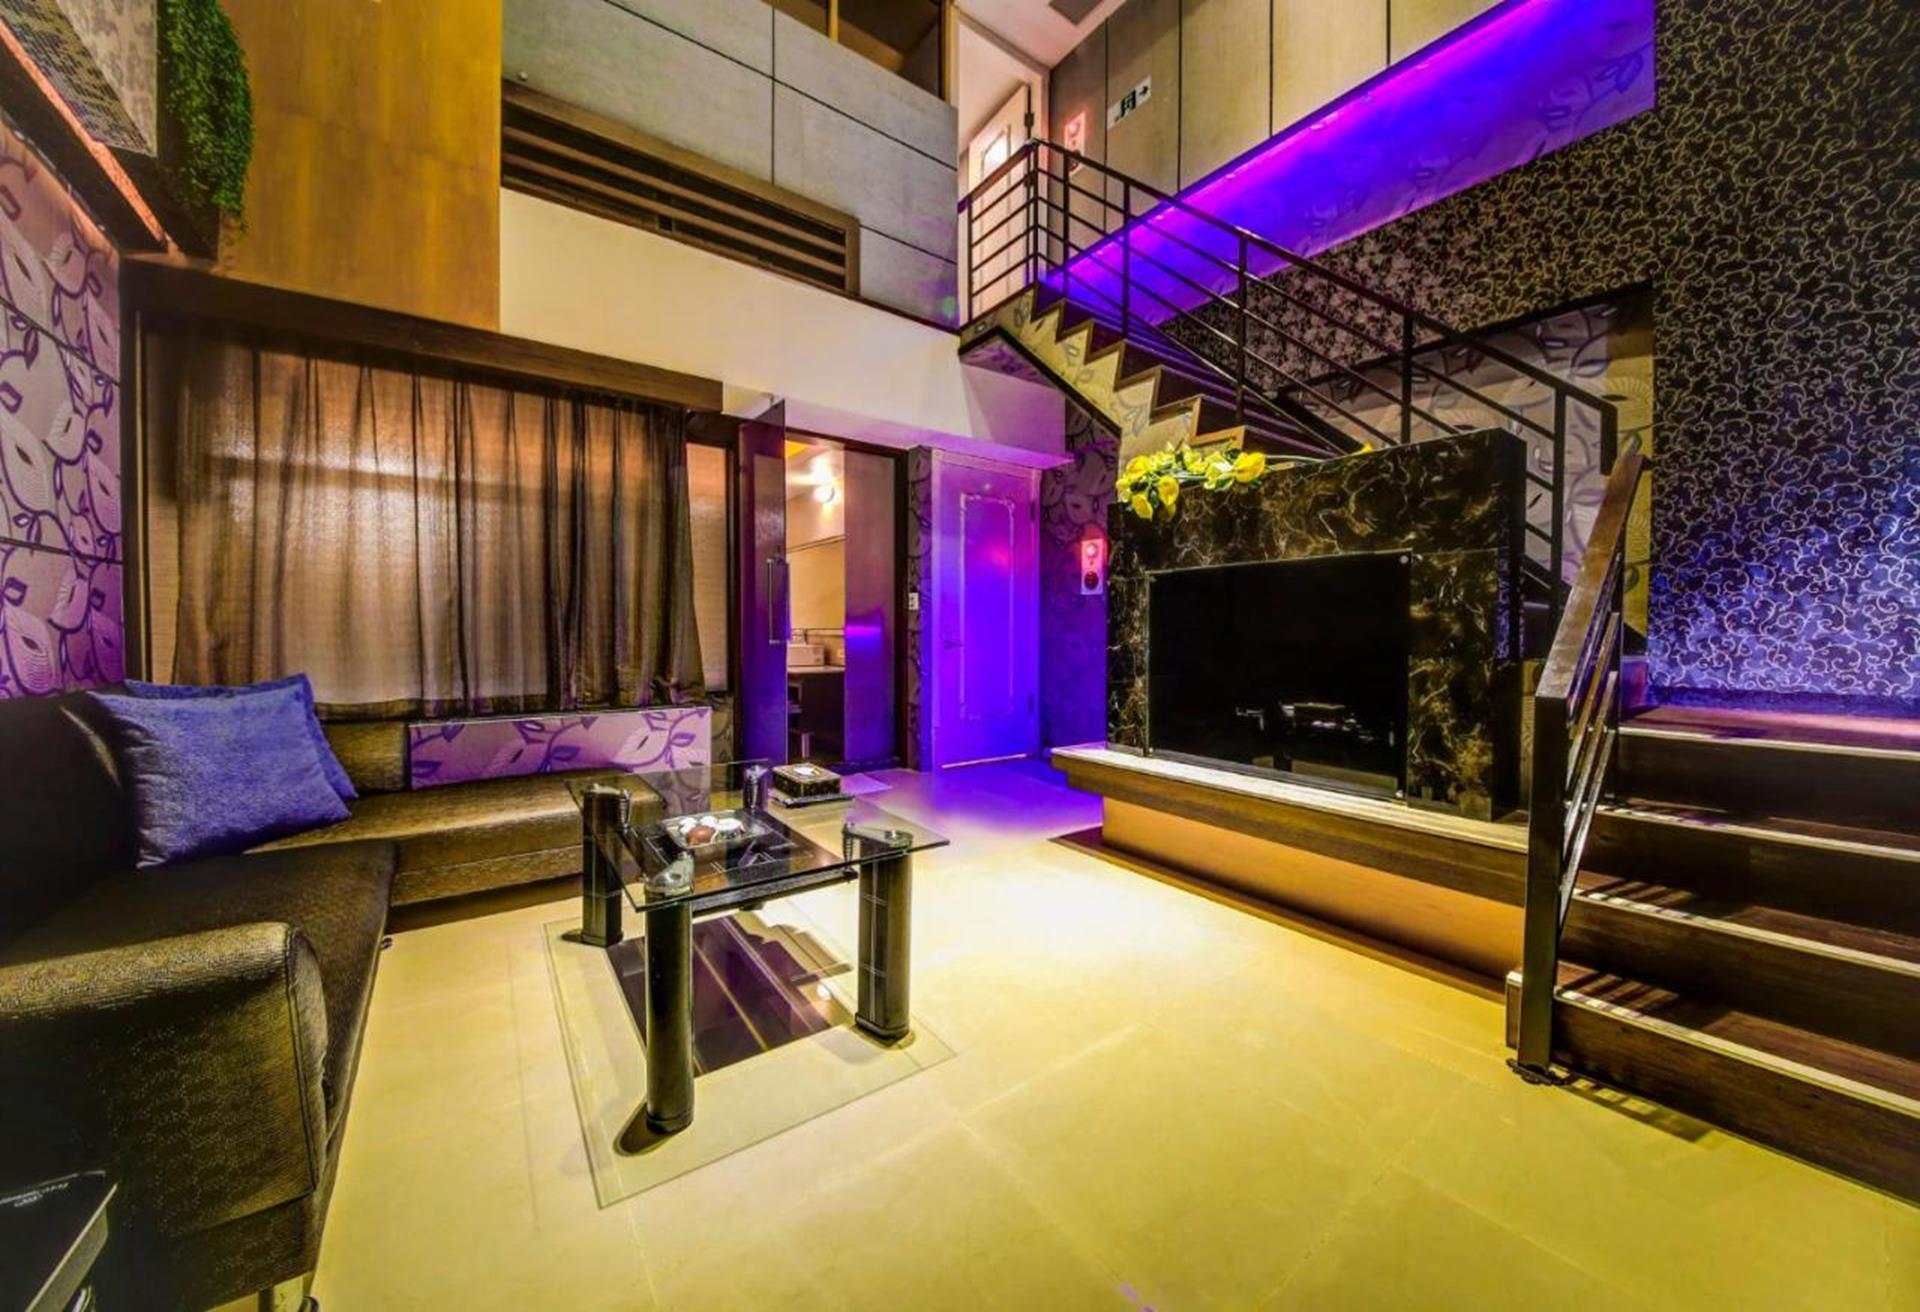 台南汽車旅館推薦 - 溫莎堡汽車旅館仁德的溫莎套房(B)